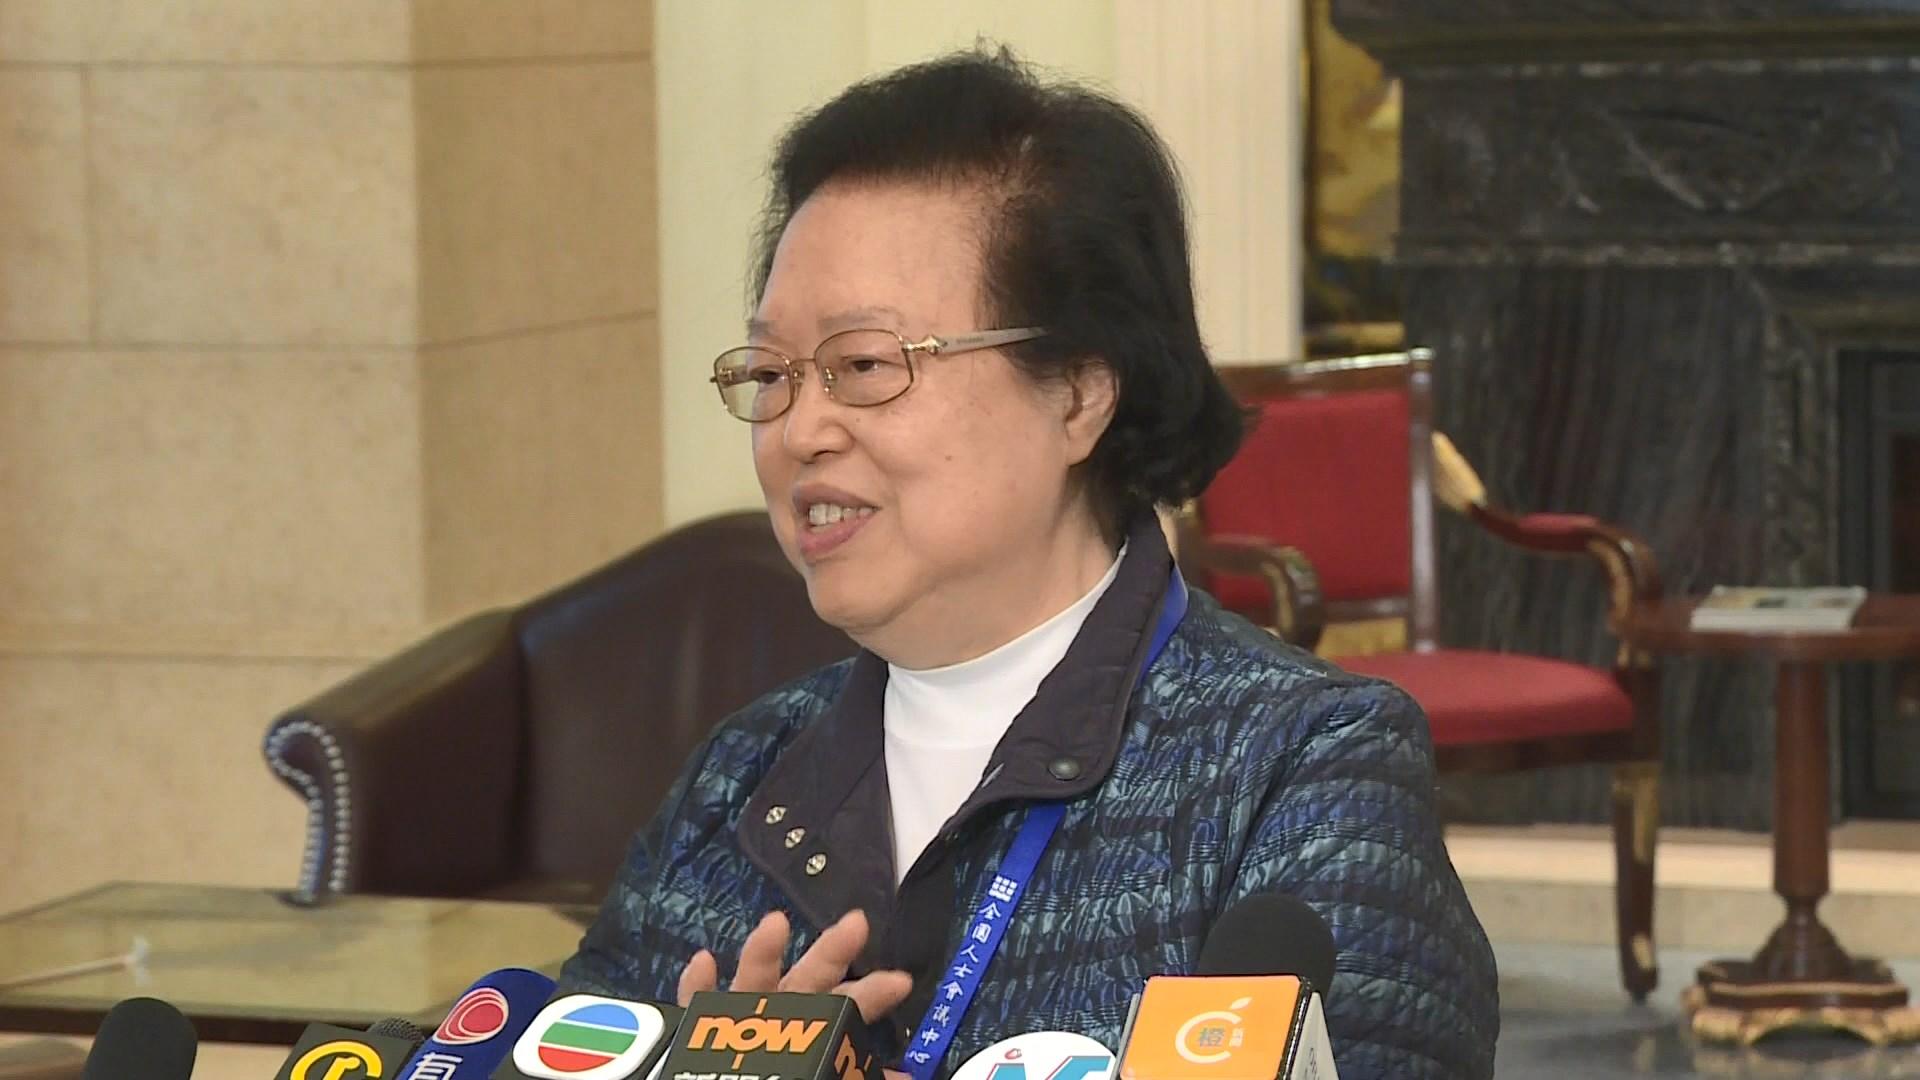 譚惠珠:逃犯移交有國際標準商界毋須擔心